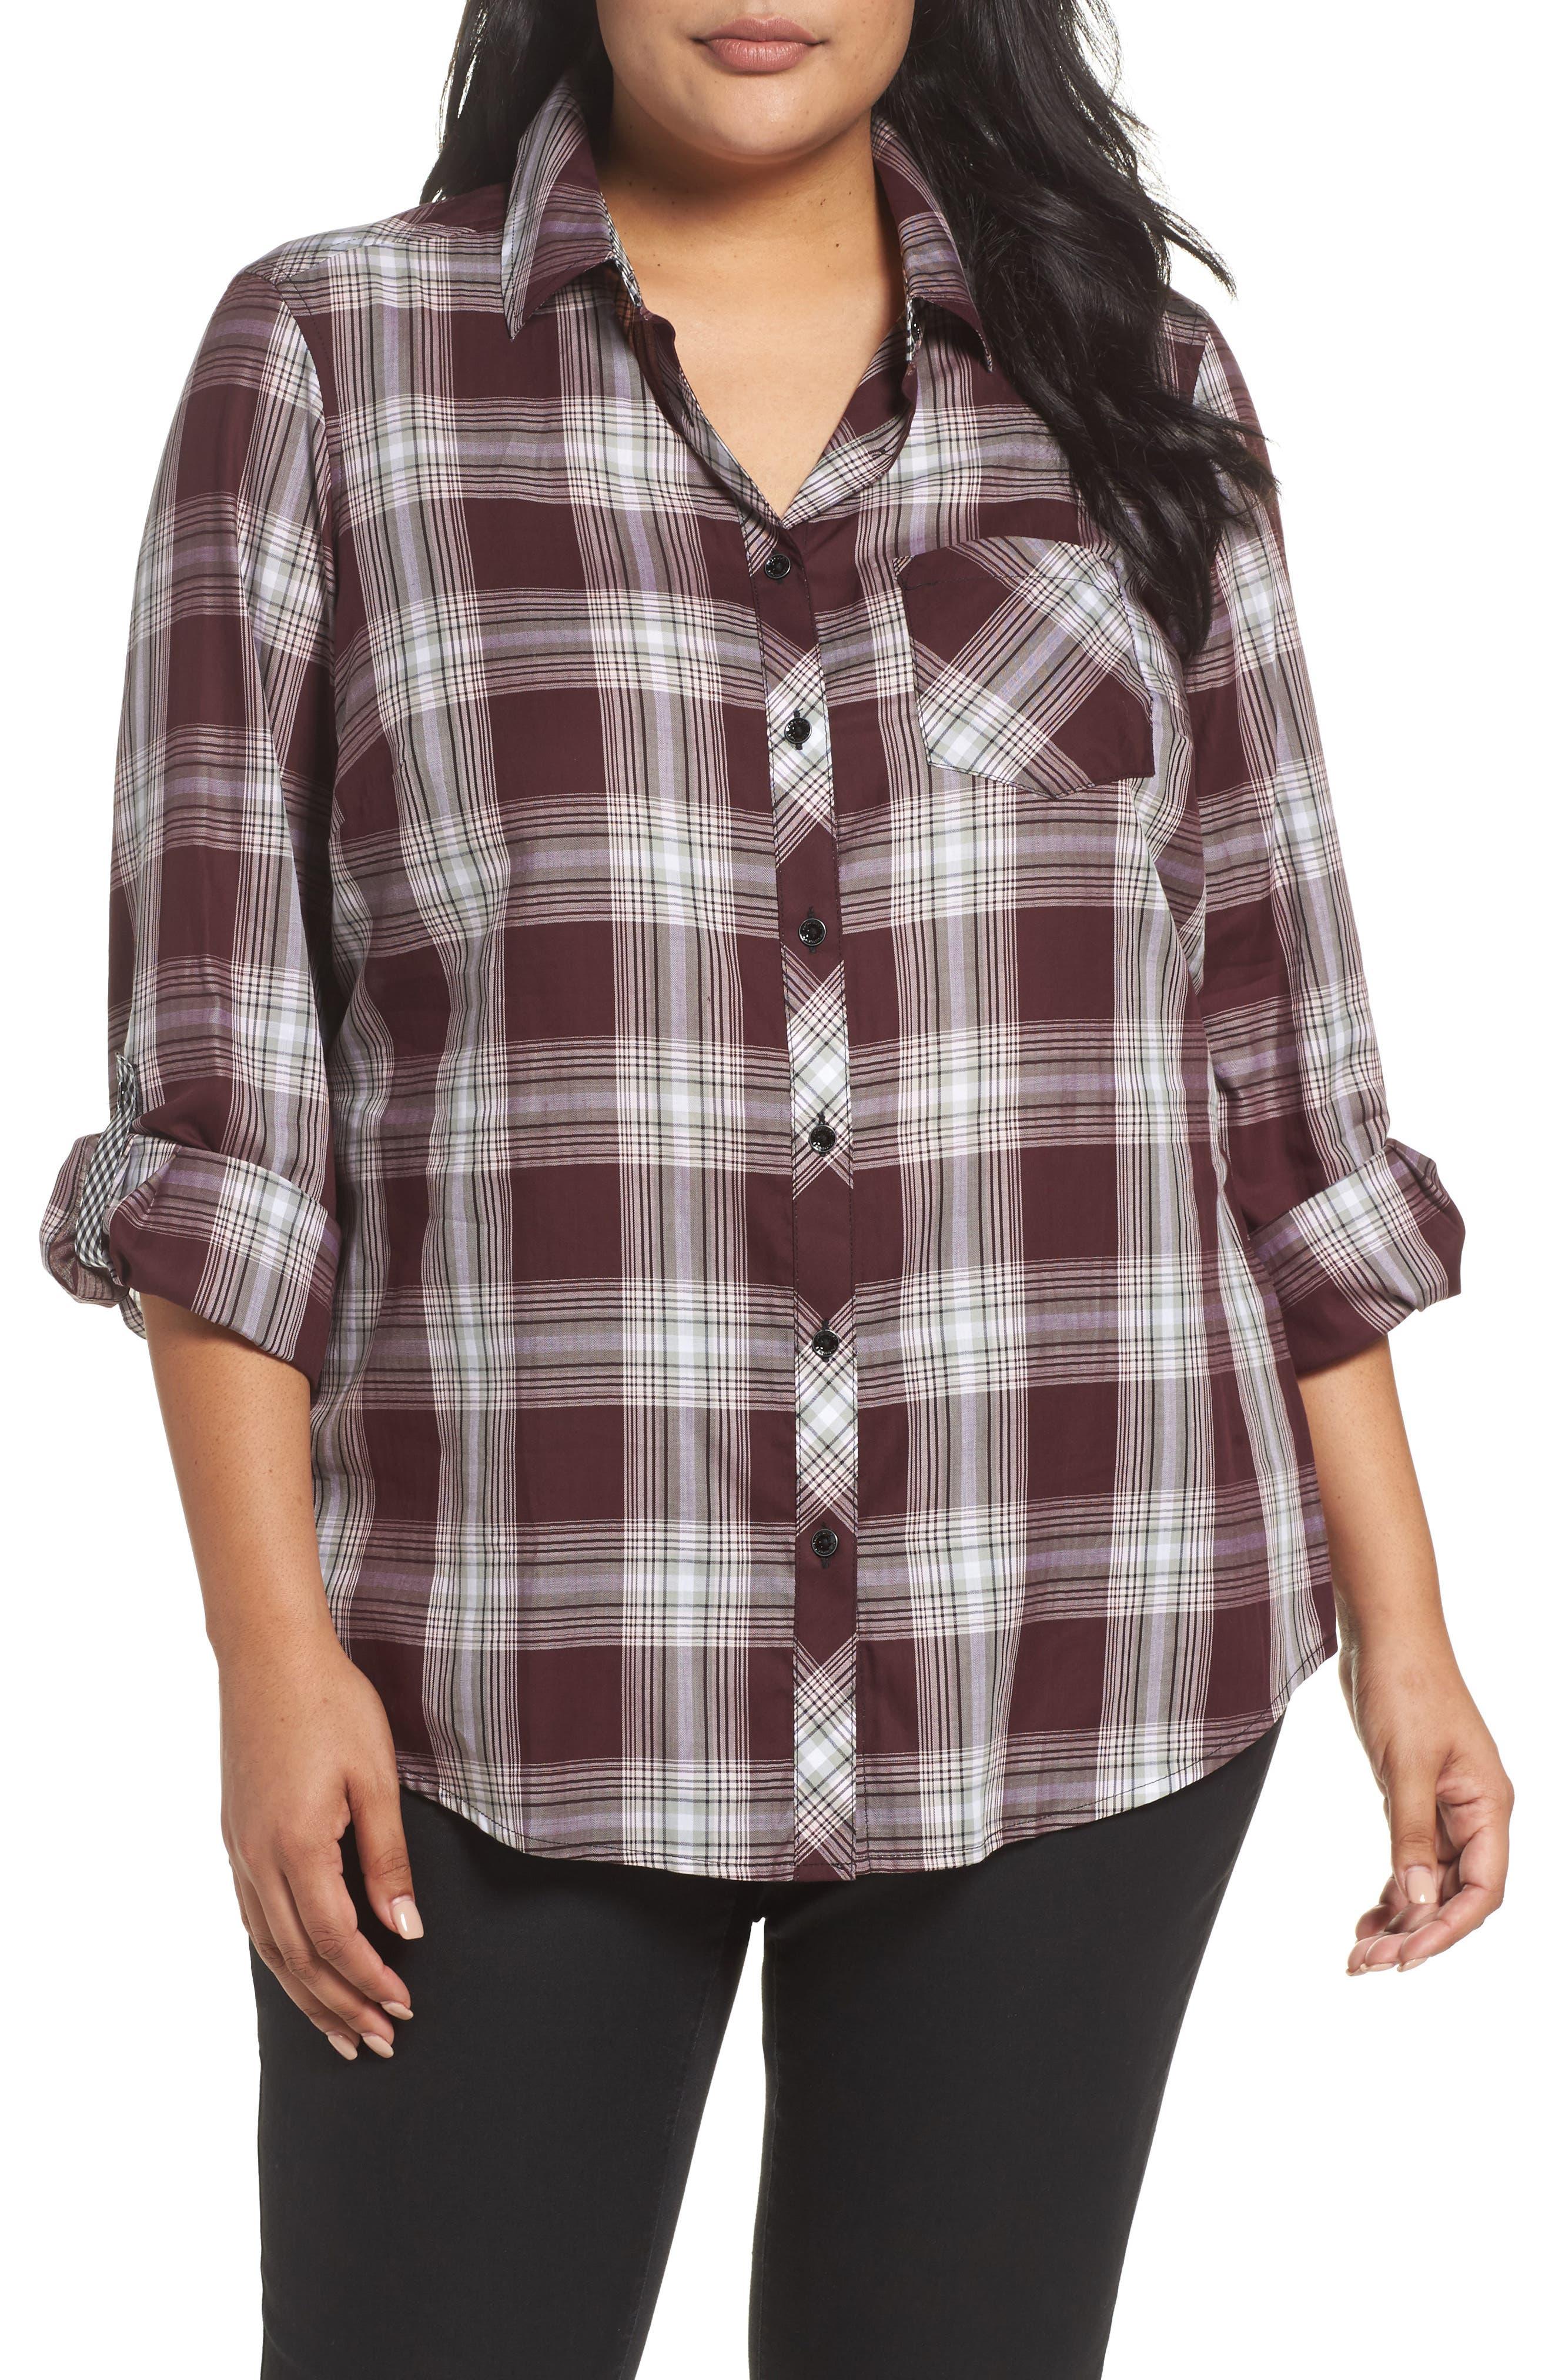 Addison Plaid Cotton Shirt,                         Main,                         color, 605